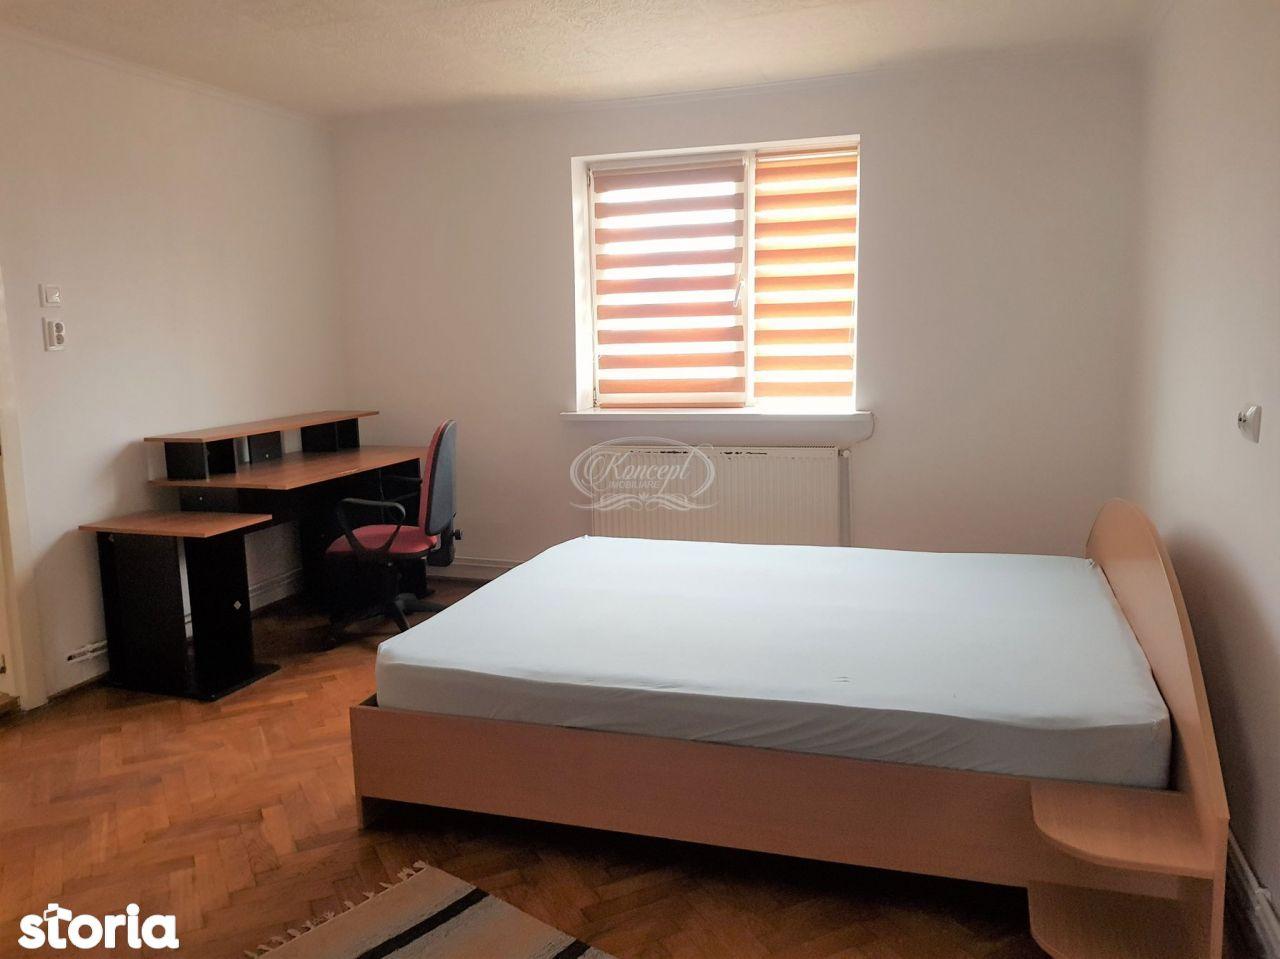 Apartament cu 2 camere situat ultracentral